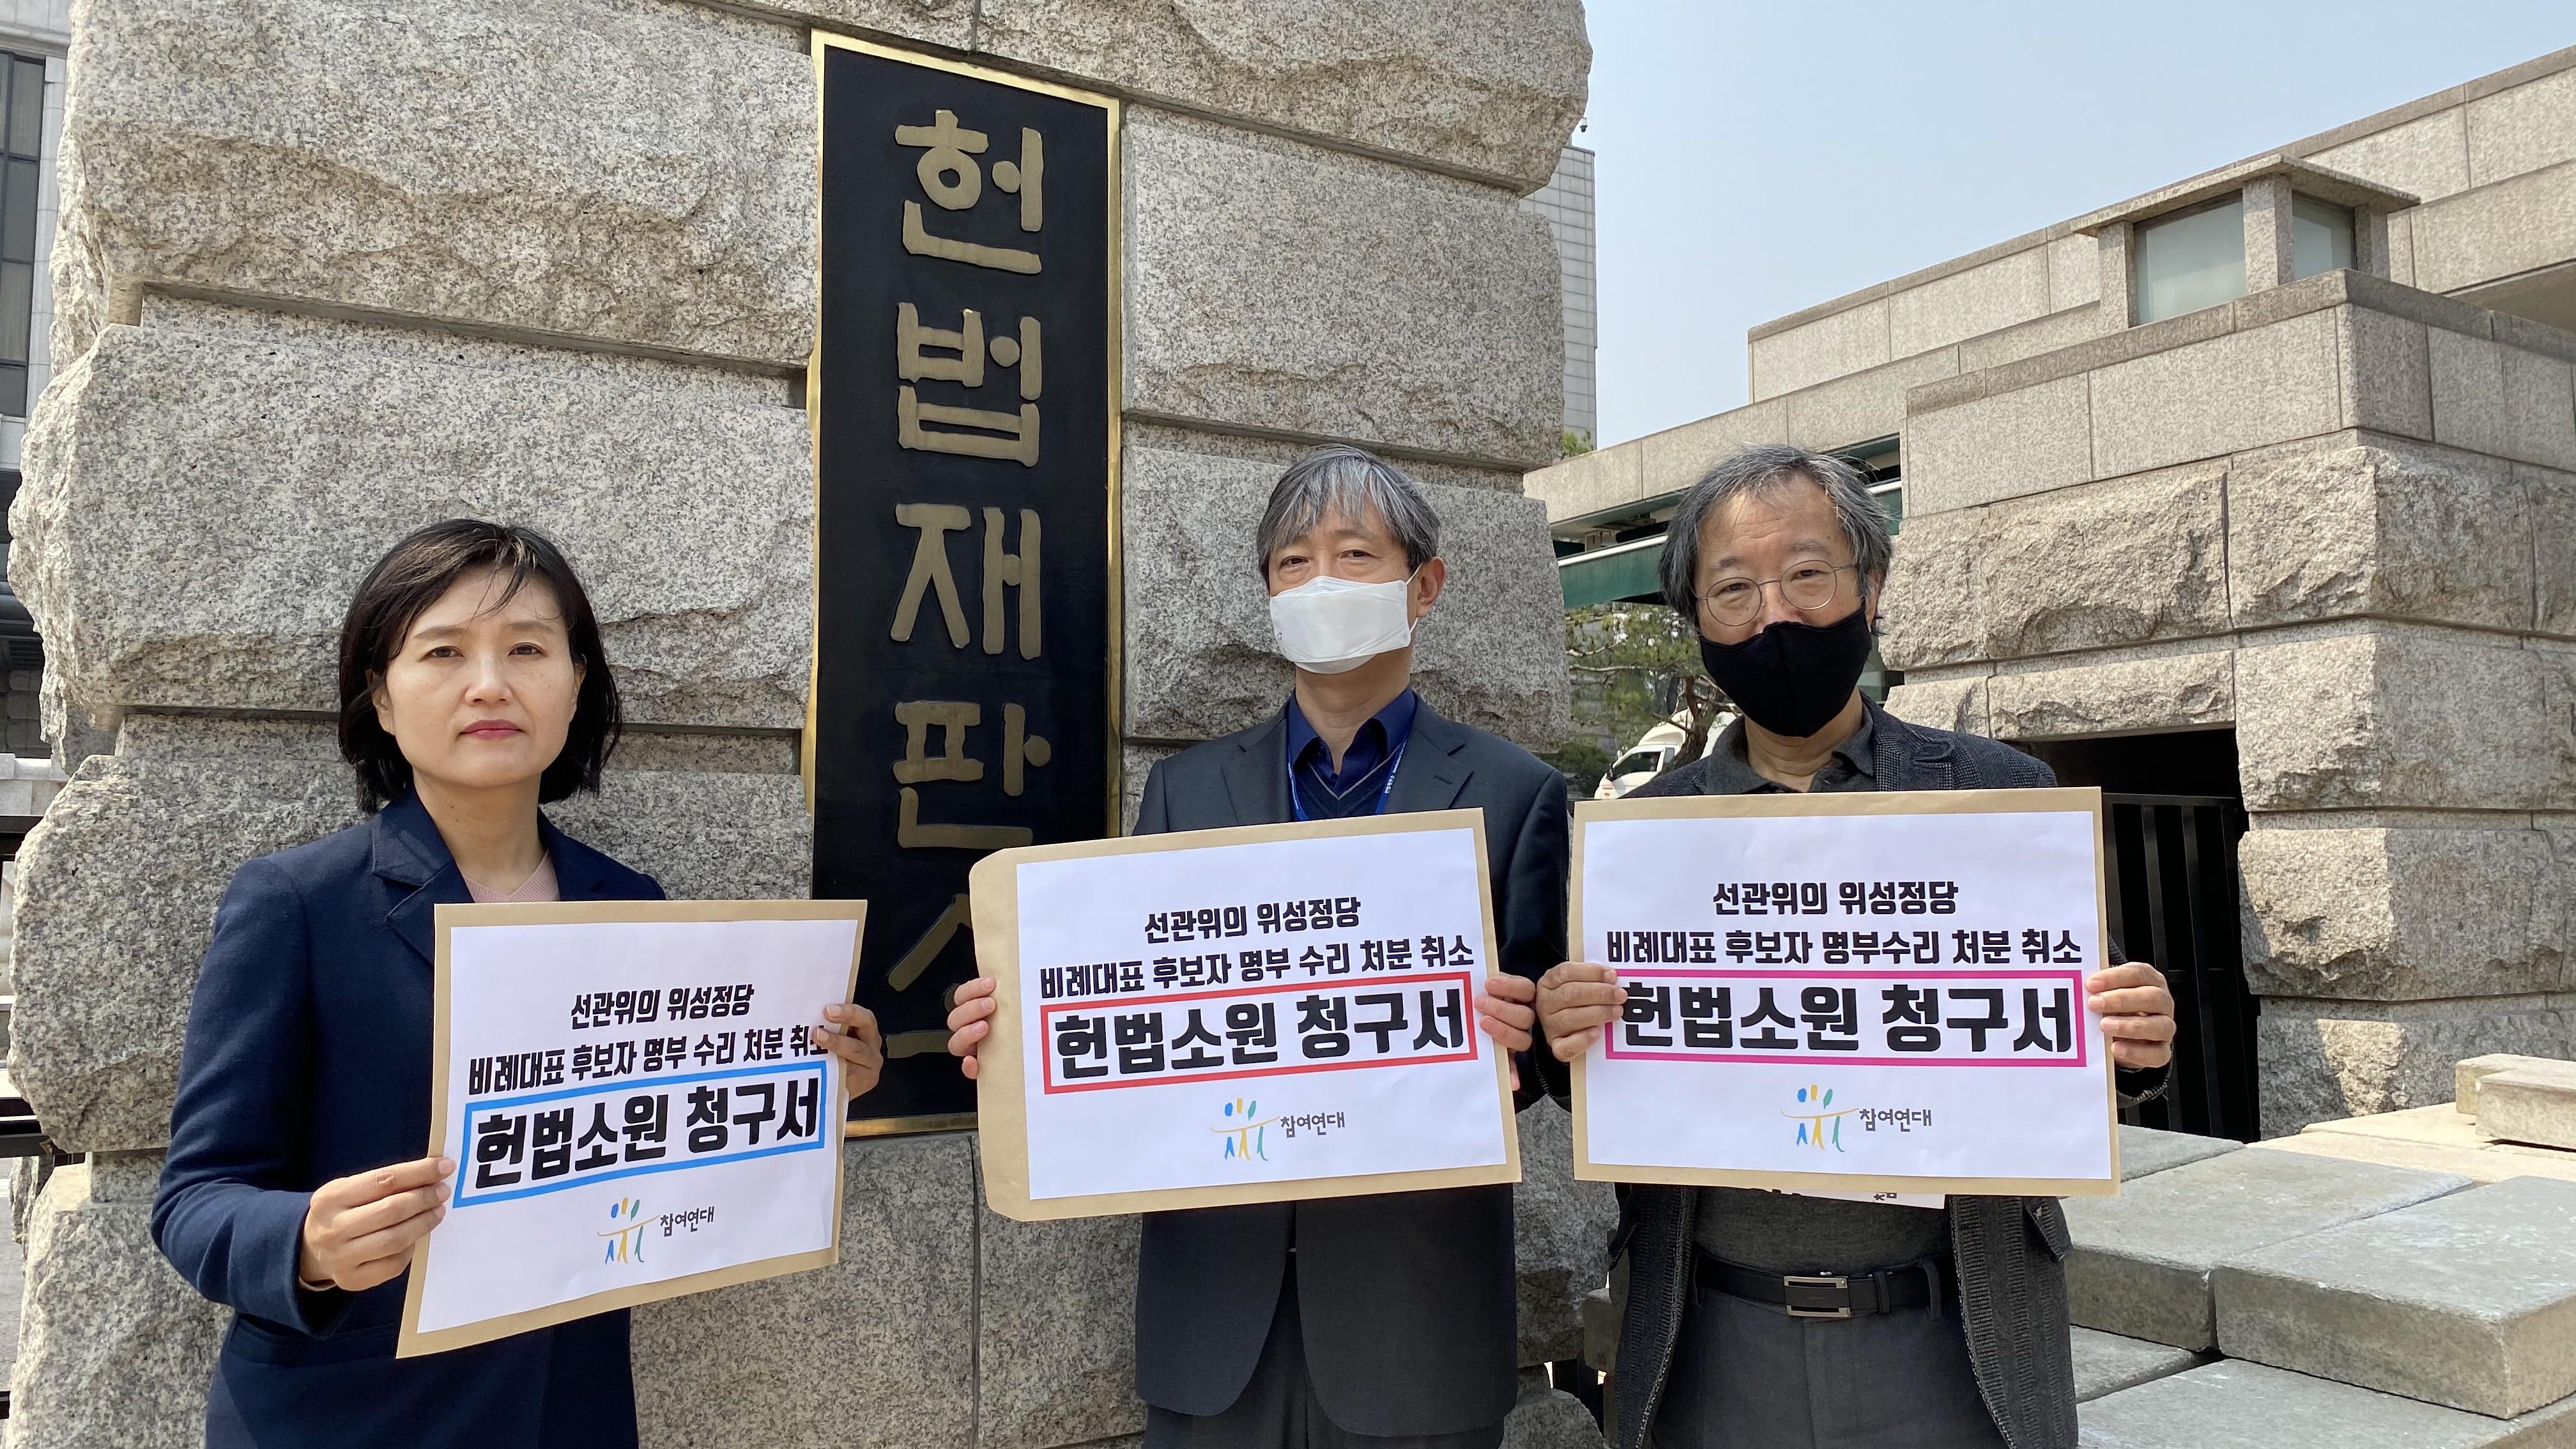 위성정당비례대표후보등록취소헌법소원